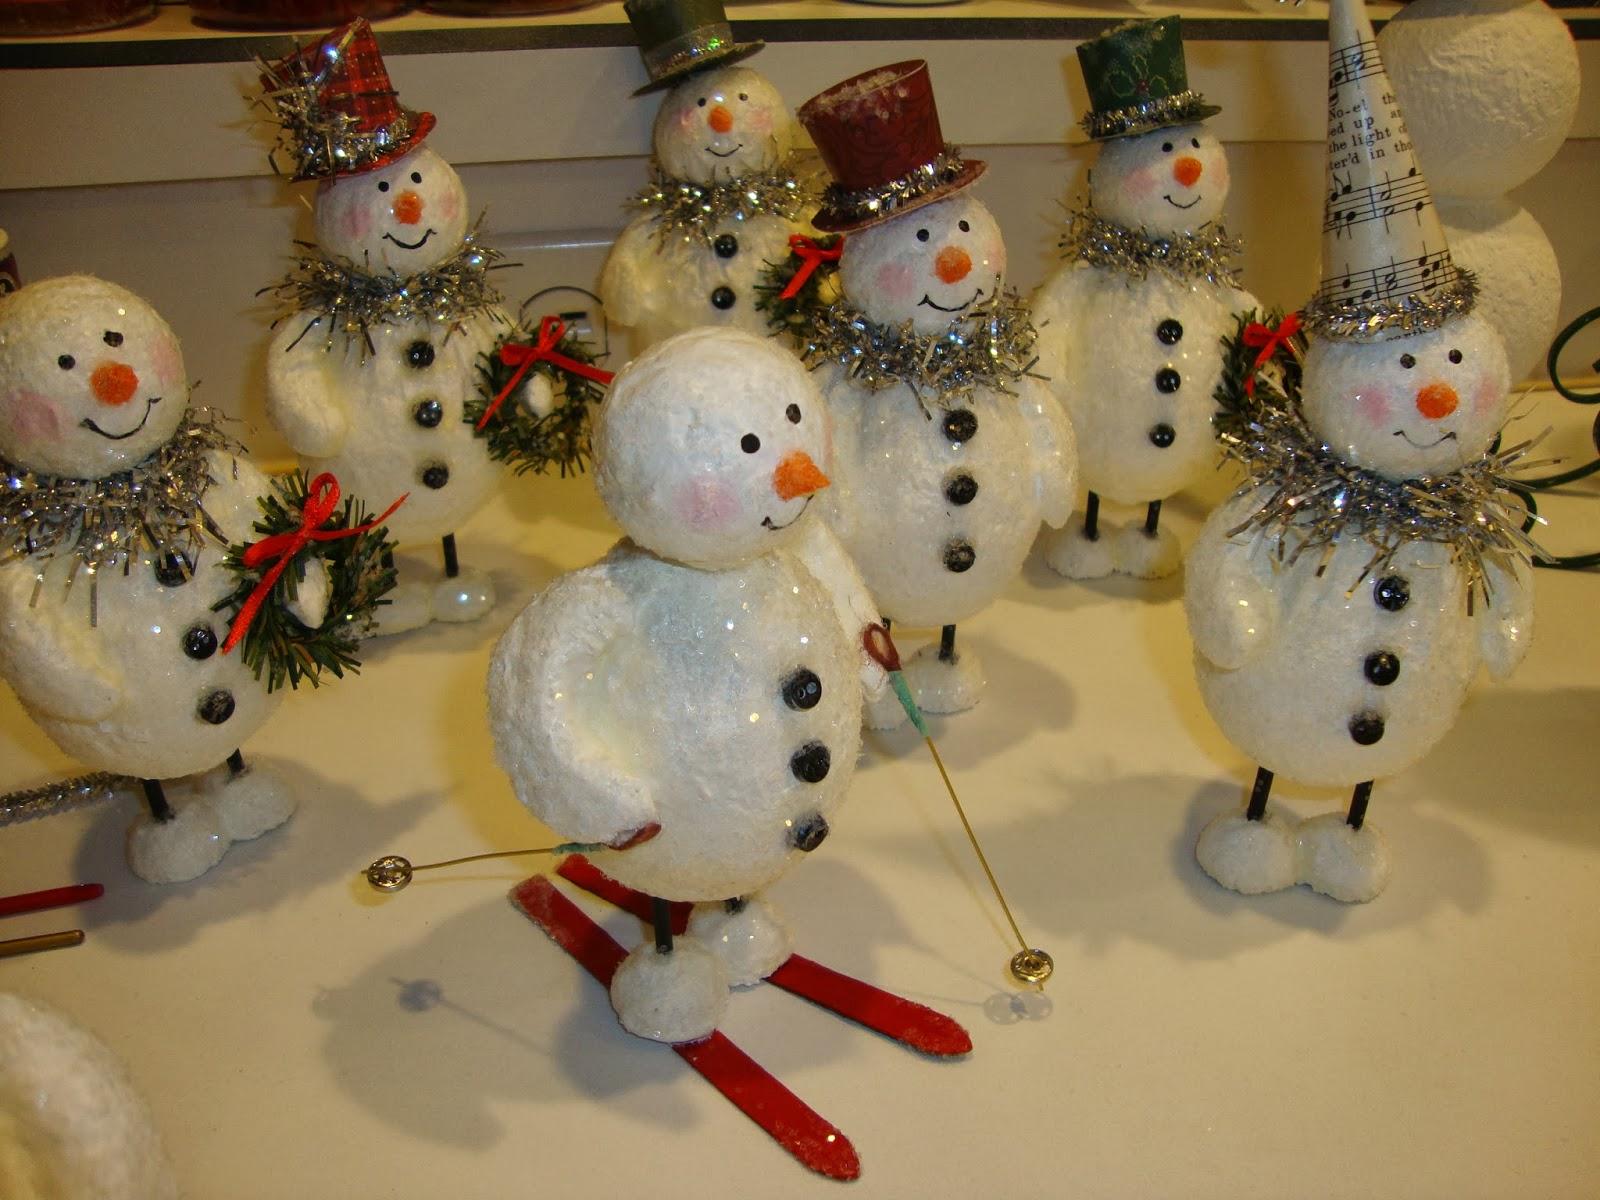 Shabby Tea Party A Christmas Craft Show